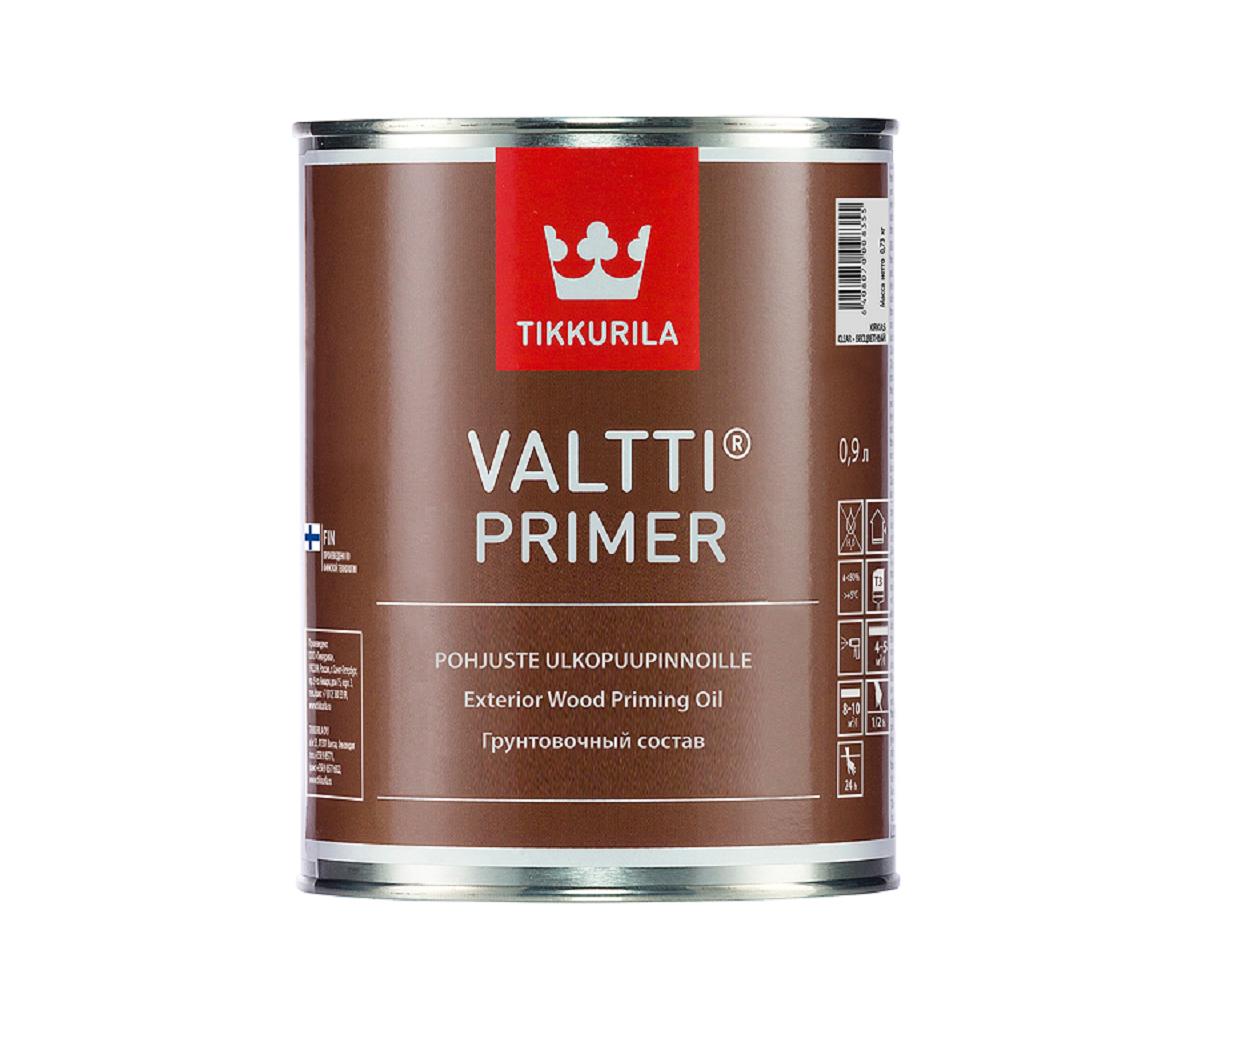 Антисептична Грунтовка TIKKURILA VALTTI PRIMER для деревини 0,9 л